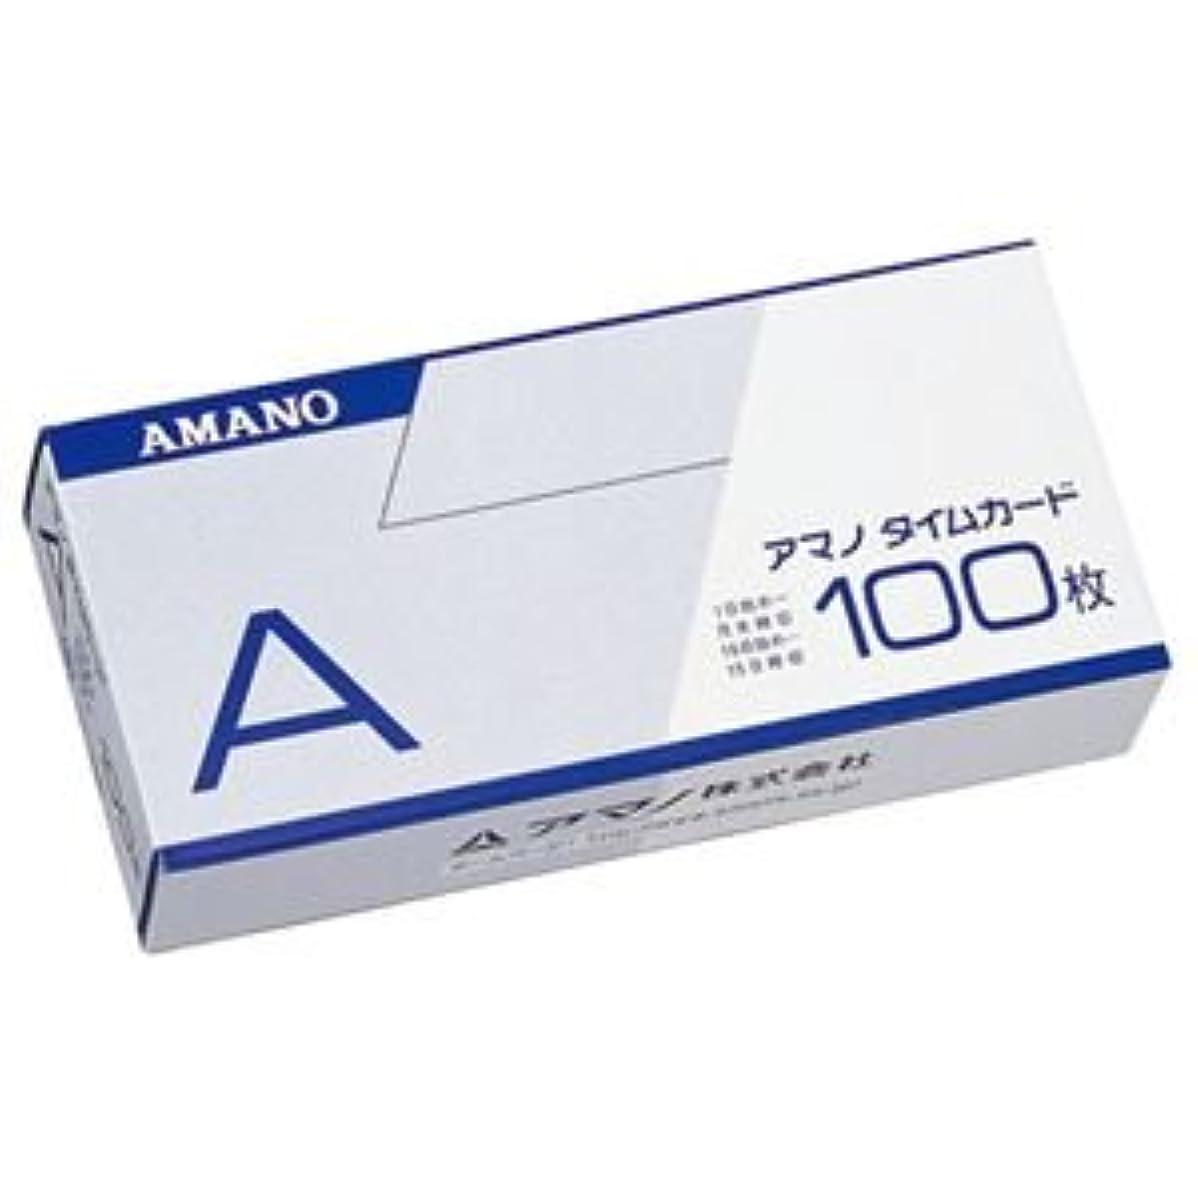 セブンはねかける氏(まとめ) アマノ 標準タイムカード Aカード 月末締/15日締 1パック(100枚) 【×3セット】